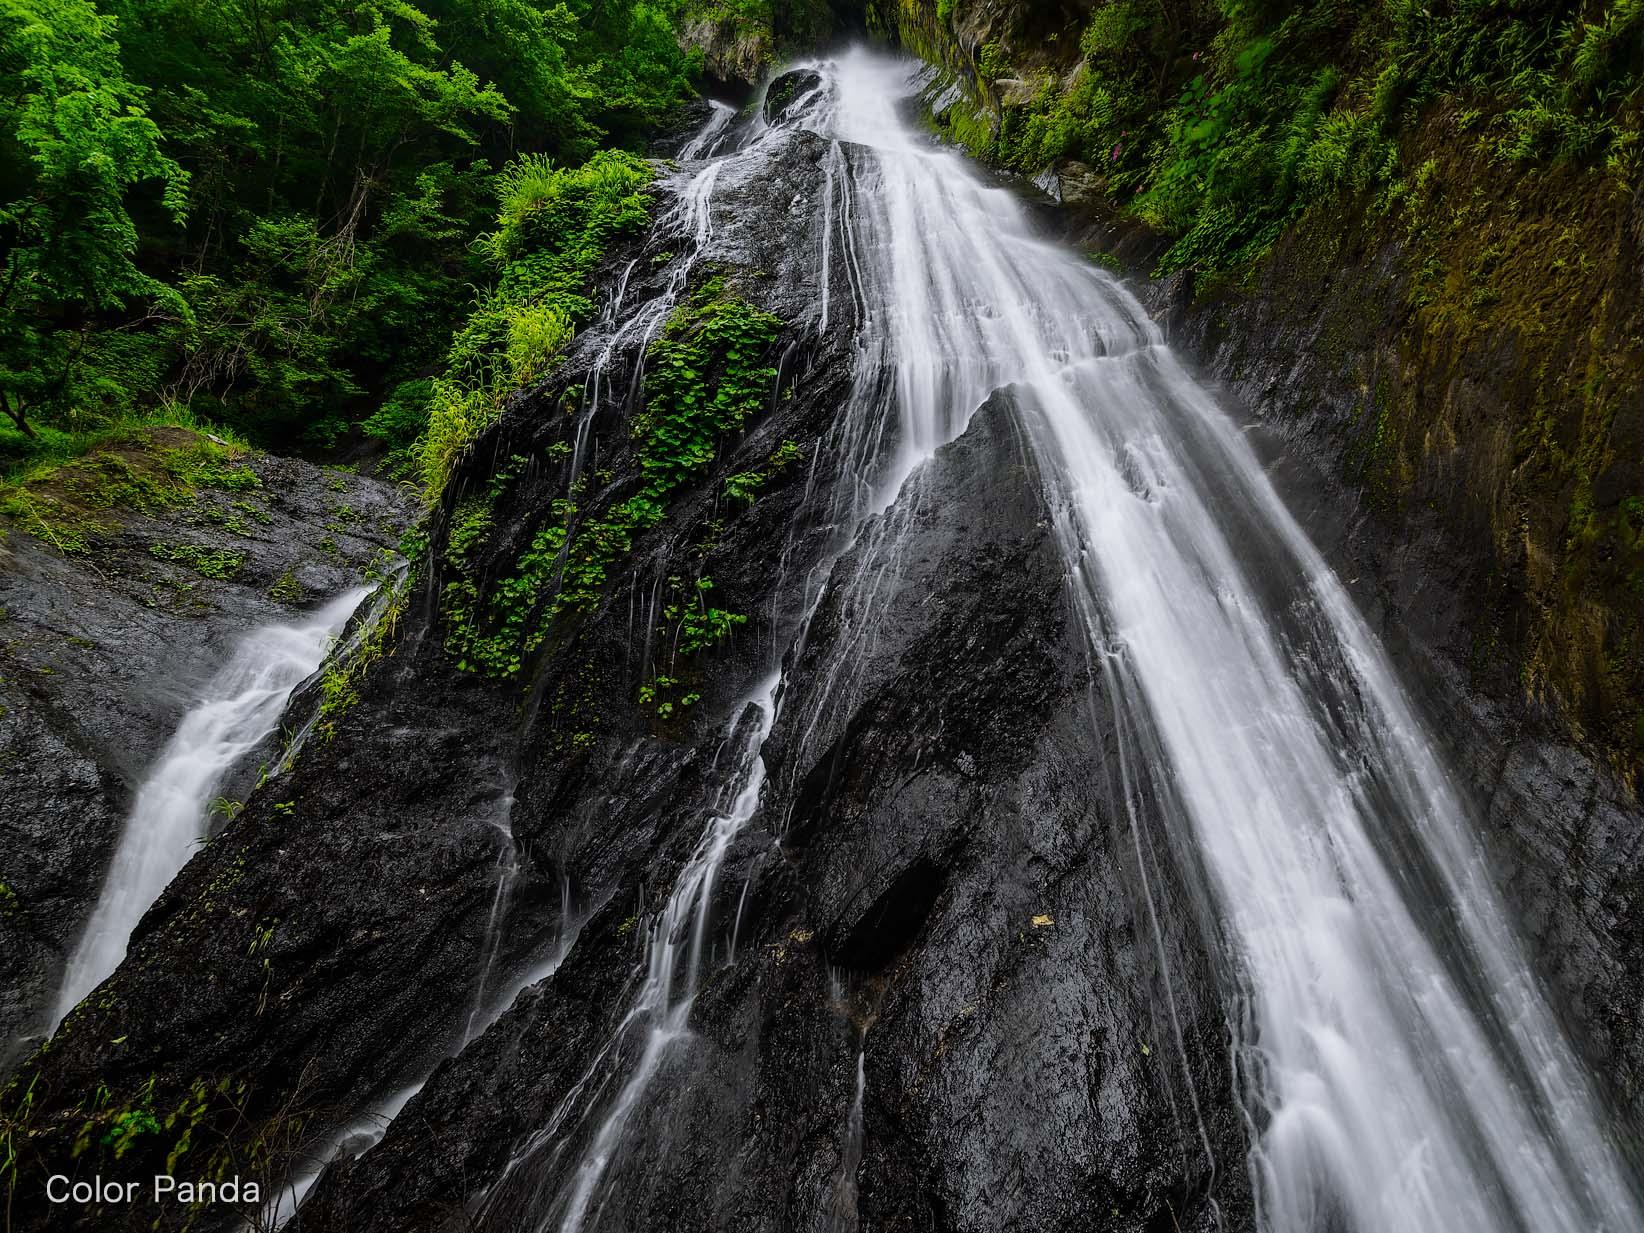 雨畑川支流大滝